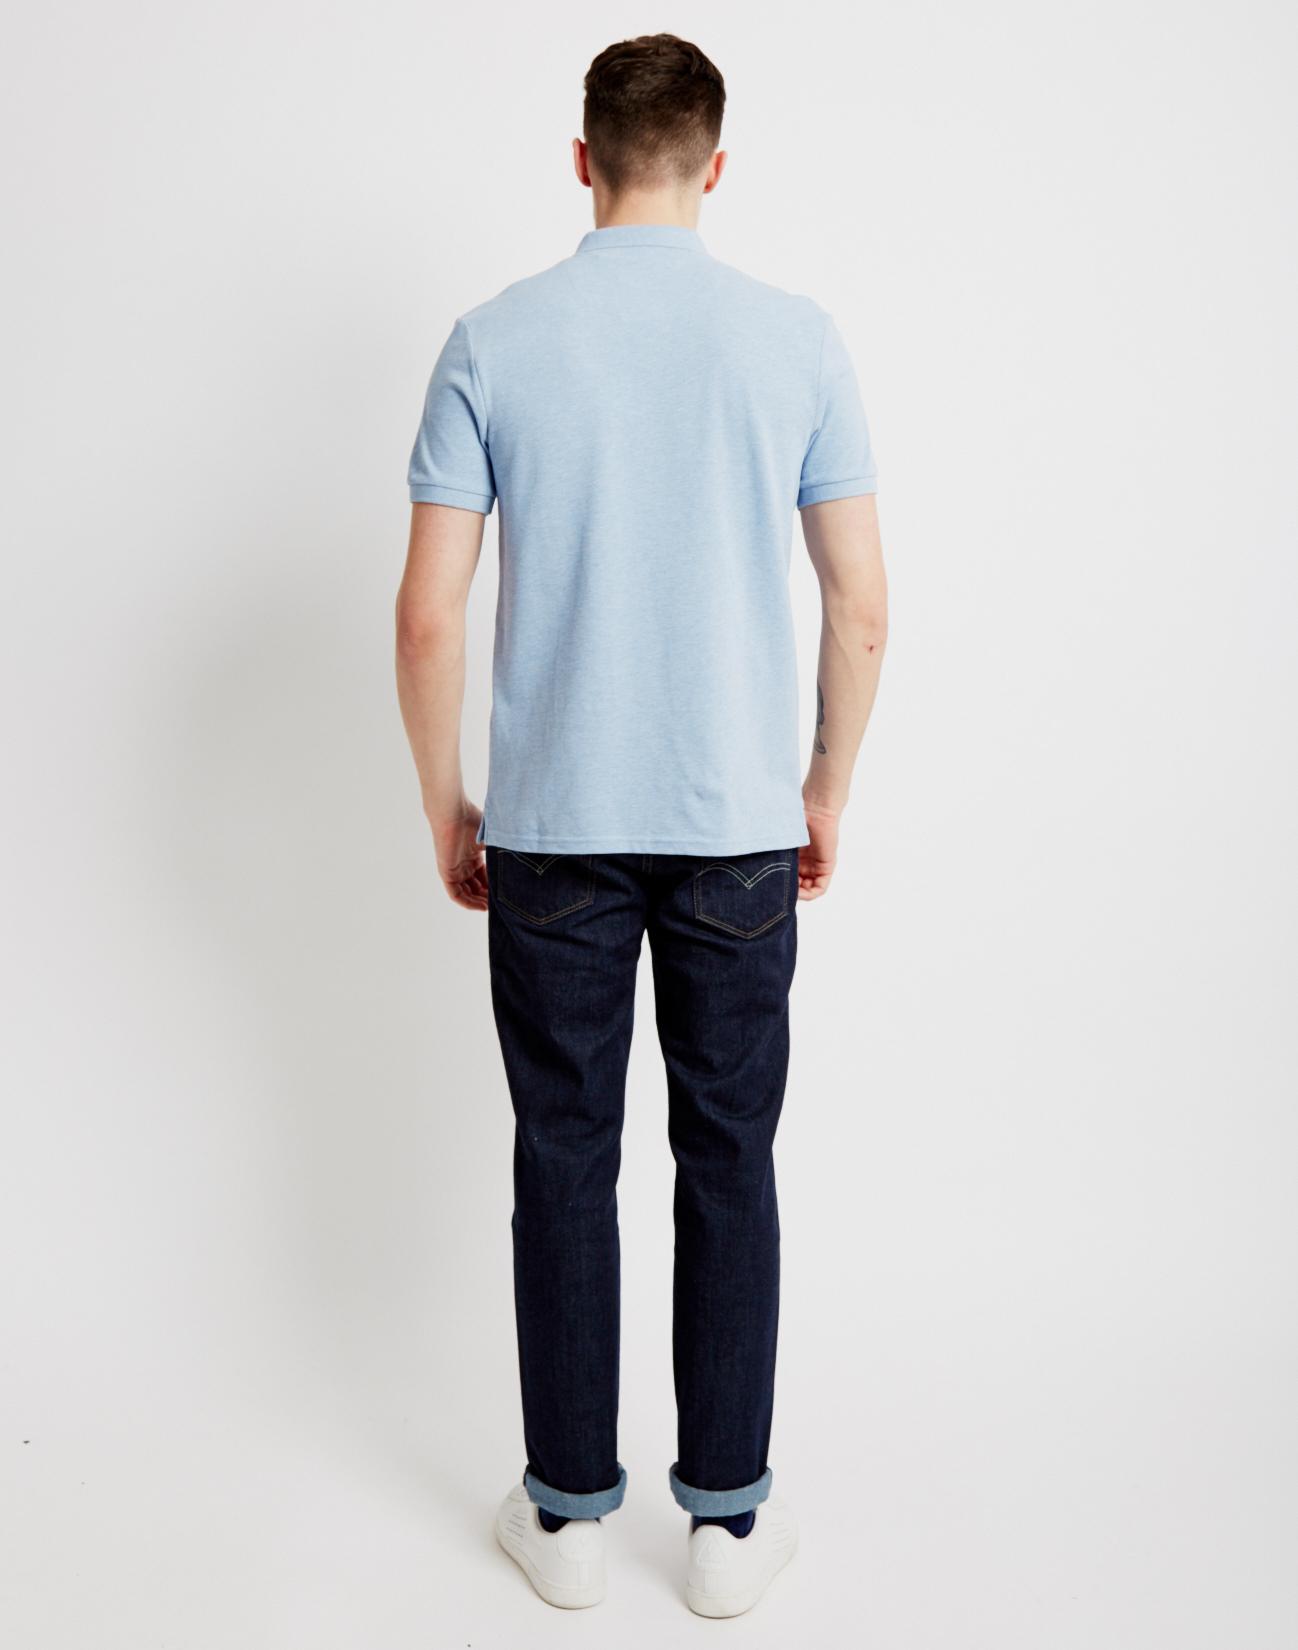 Lyle Amp Scott Polo Shirt Light Blue In Blue For Men Lyst